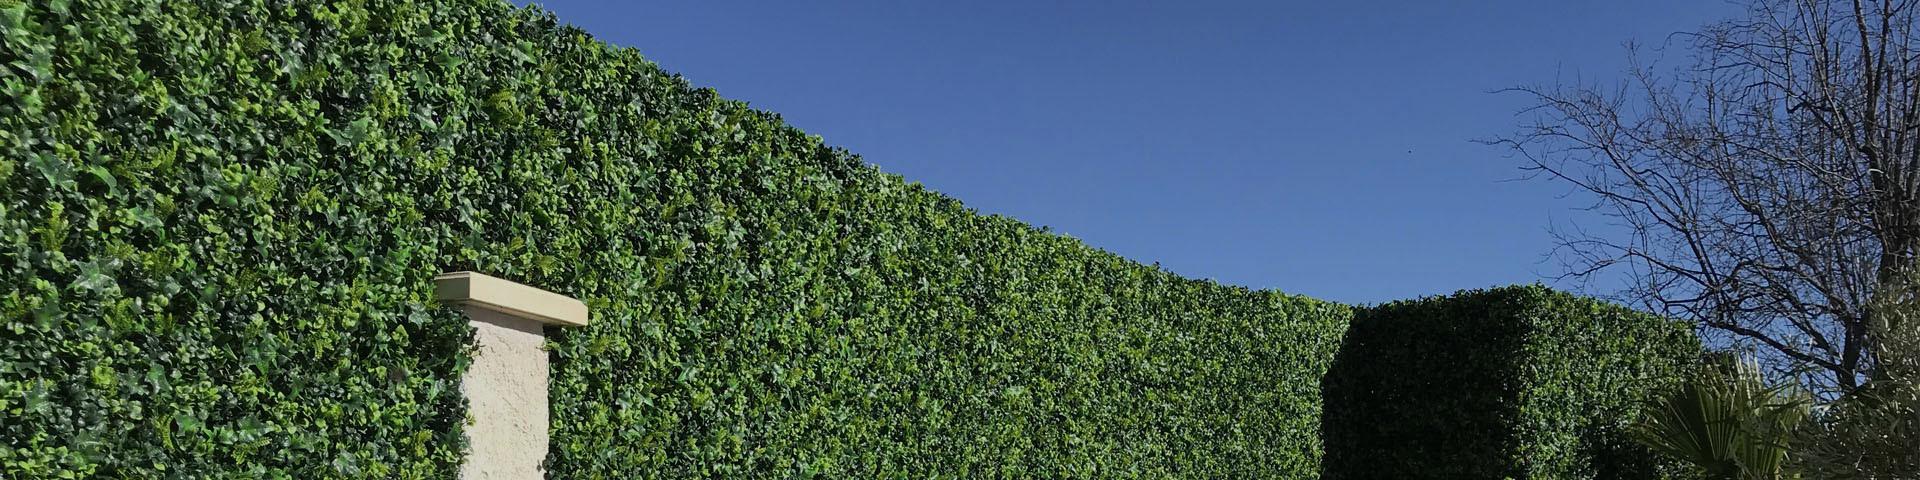 Feuillage Artificiel - France Green - Buis - Laurier Cerise - Lentisc